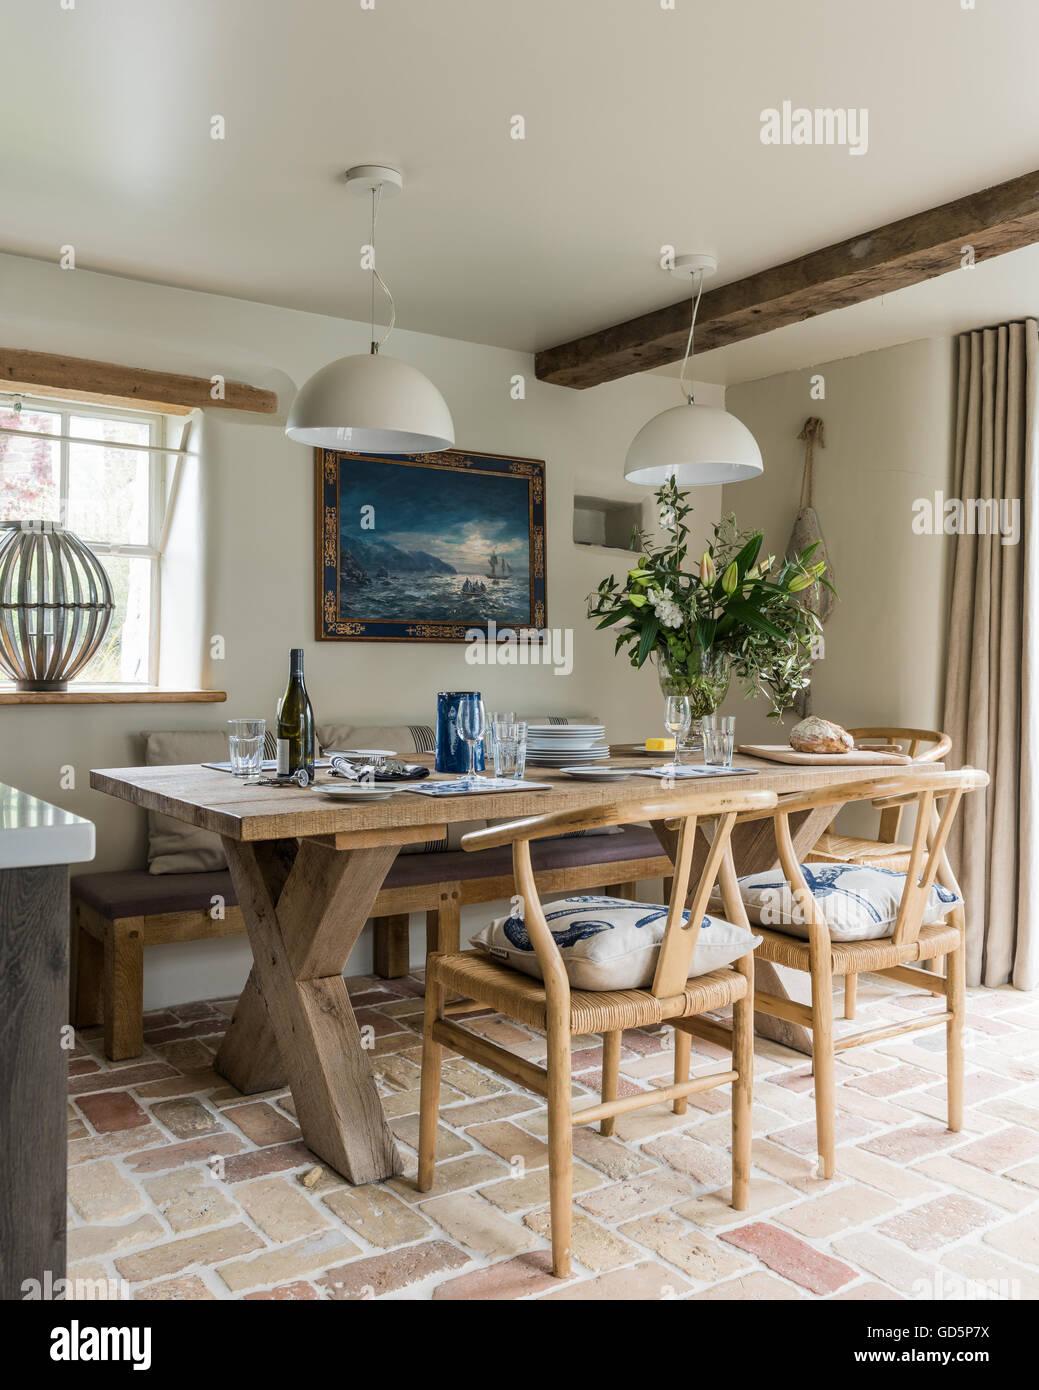 Rovere antico sedie da pranzo intorno a tavola in legno for Tavola da pranzo in legno